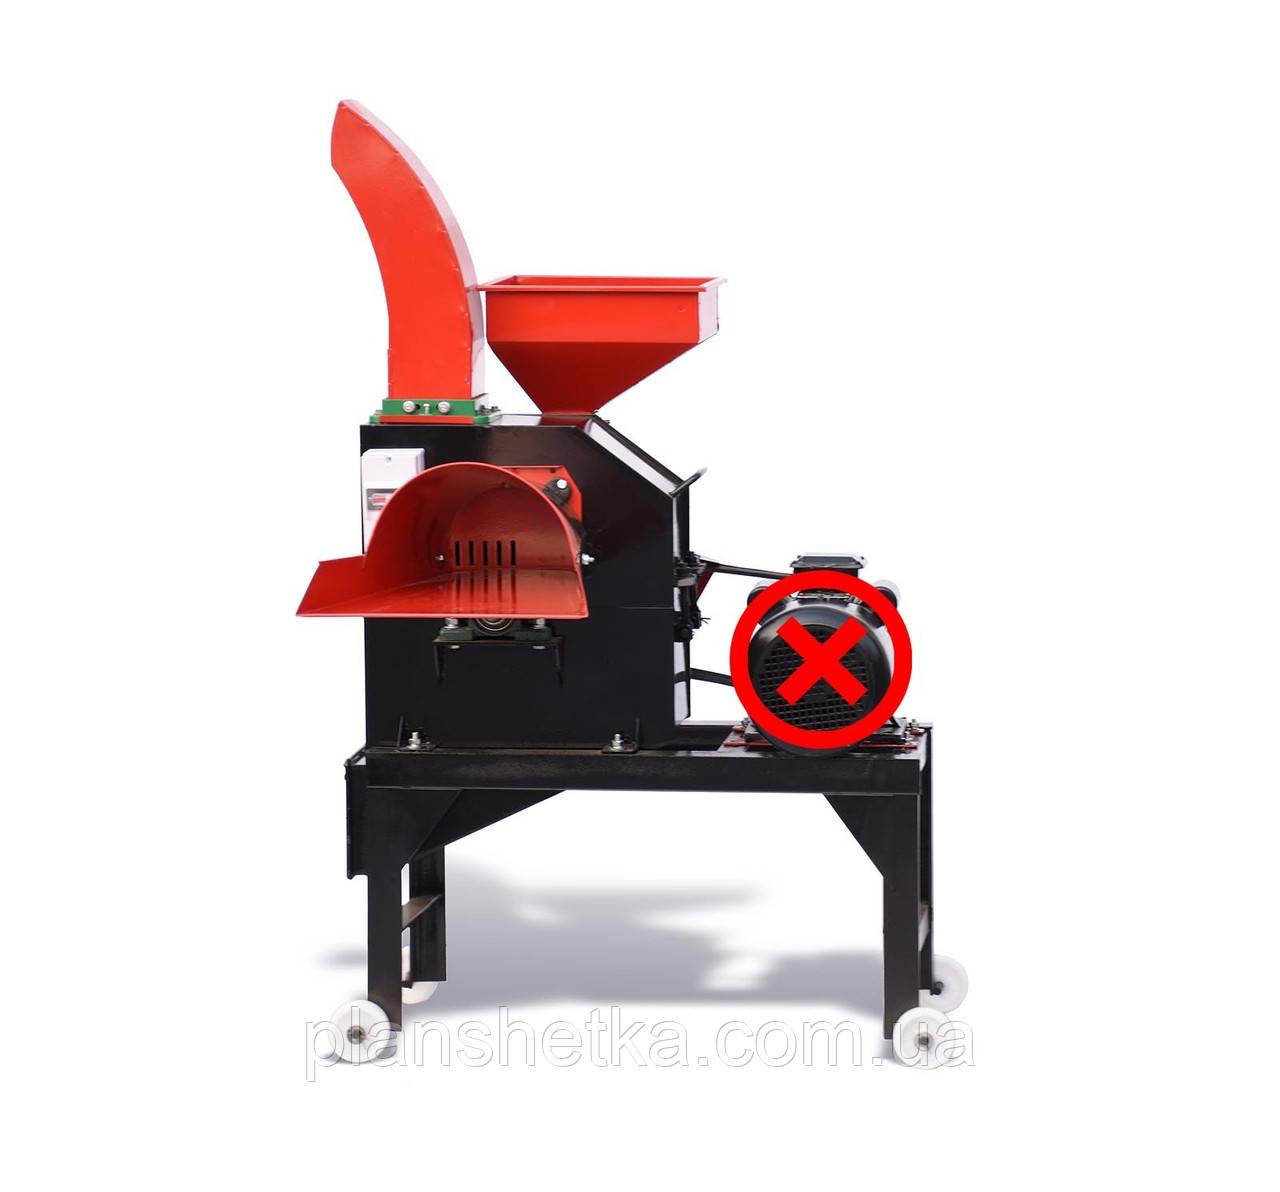 Подрібнювач кормів (зернодробарки, ДКУ) Tehnomur, MS 400-24 (без мотора)